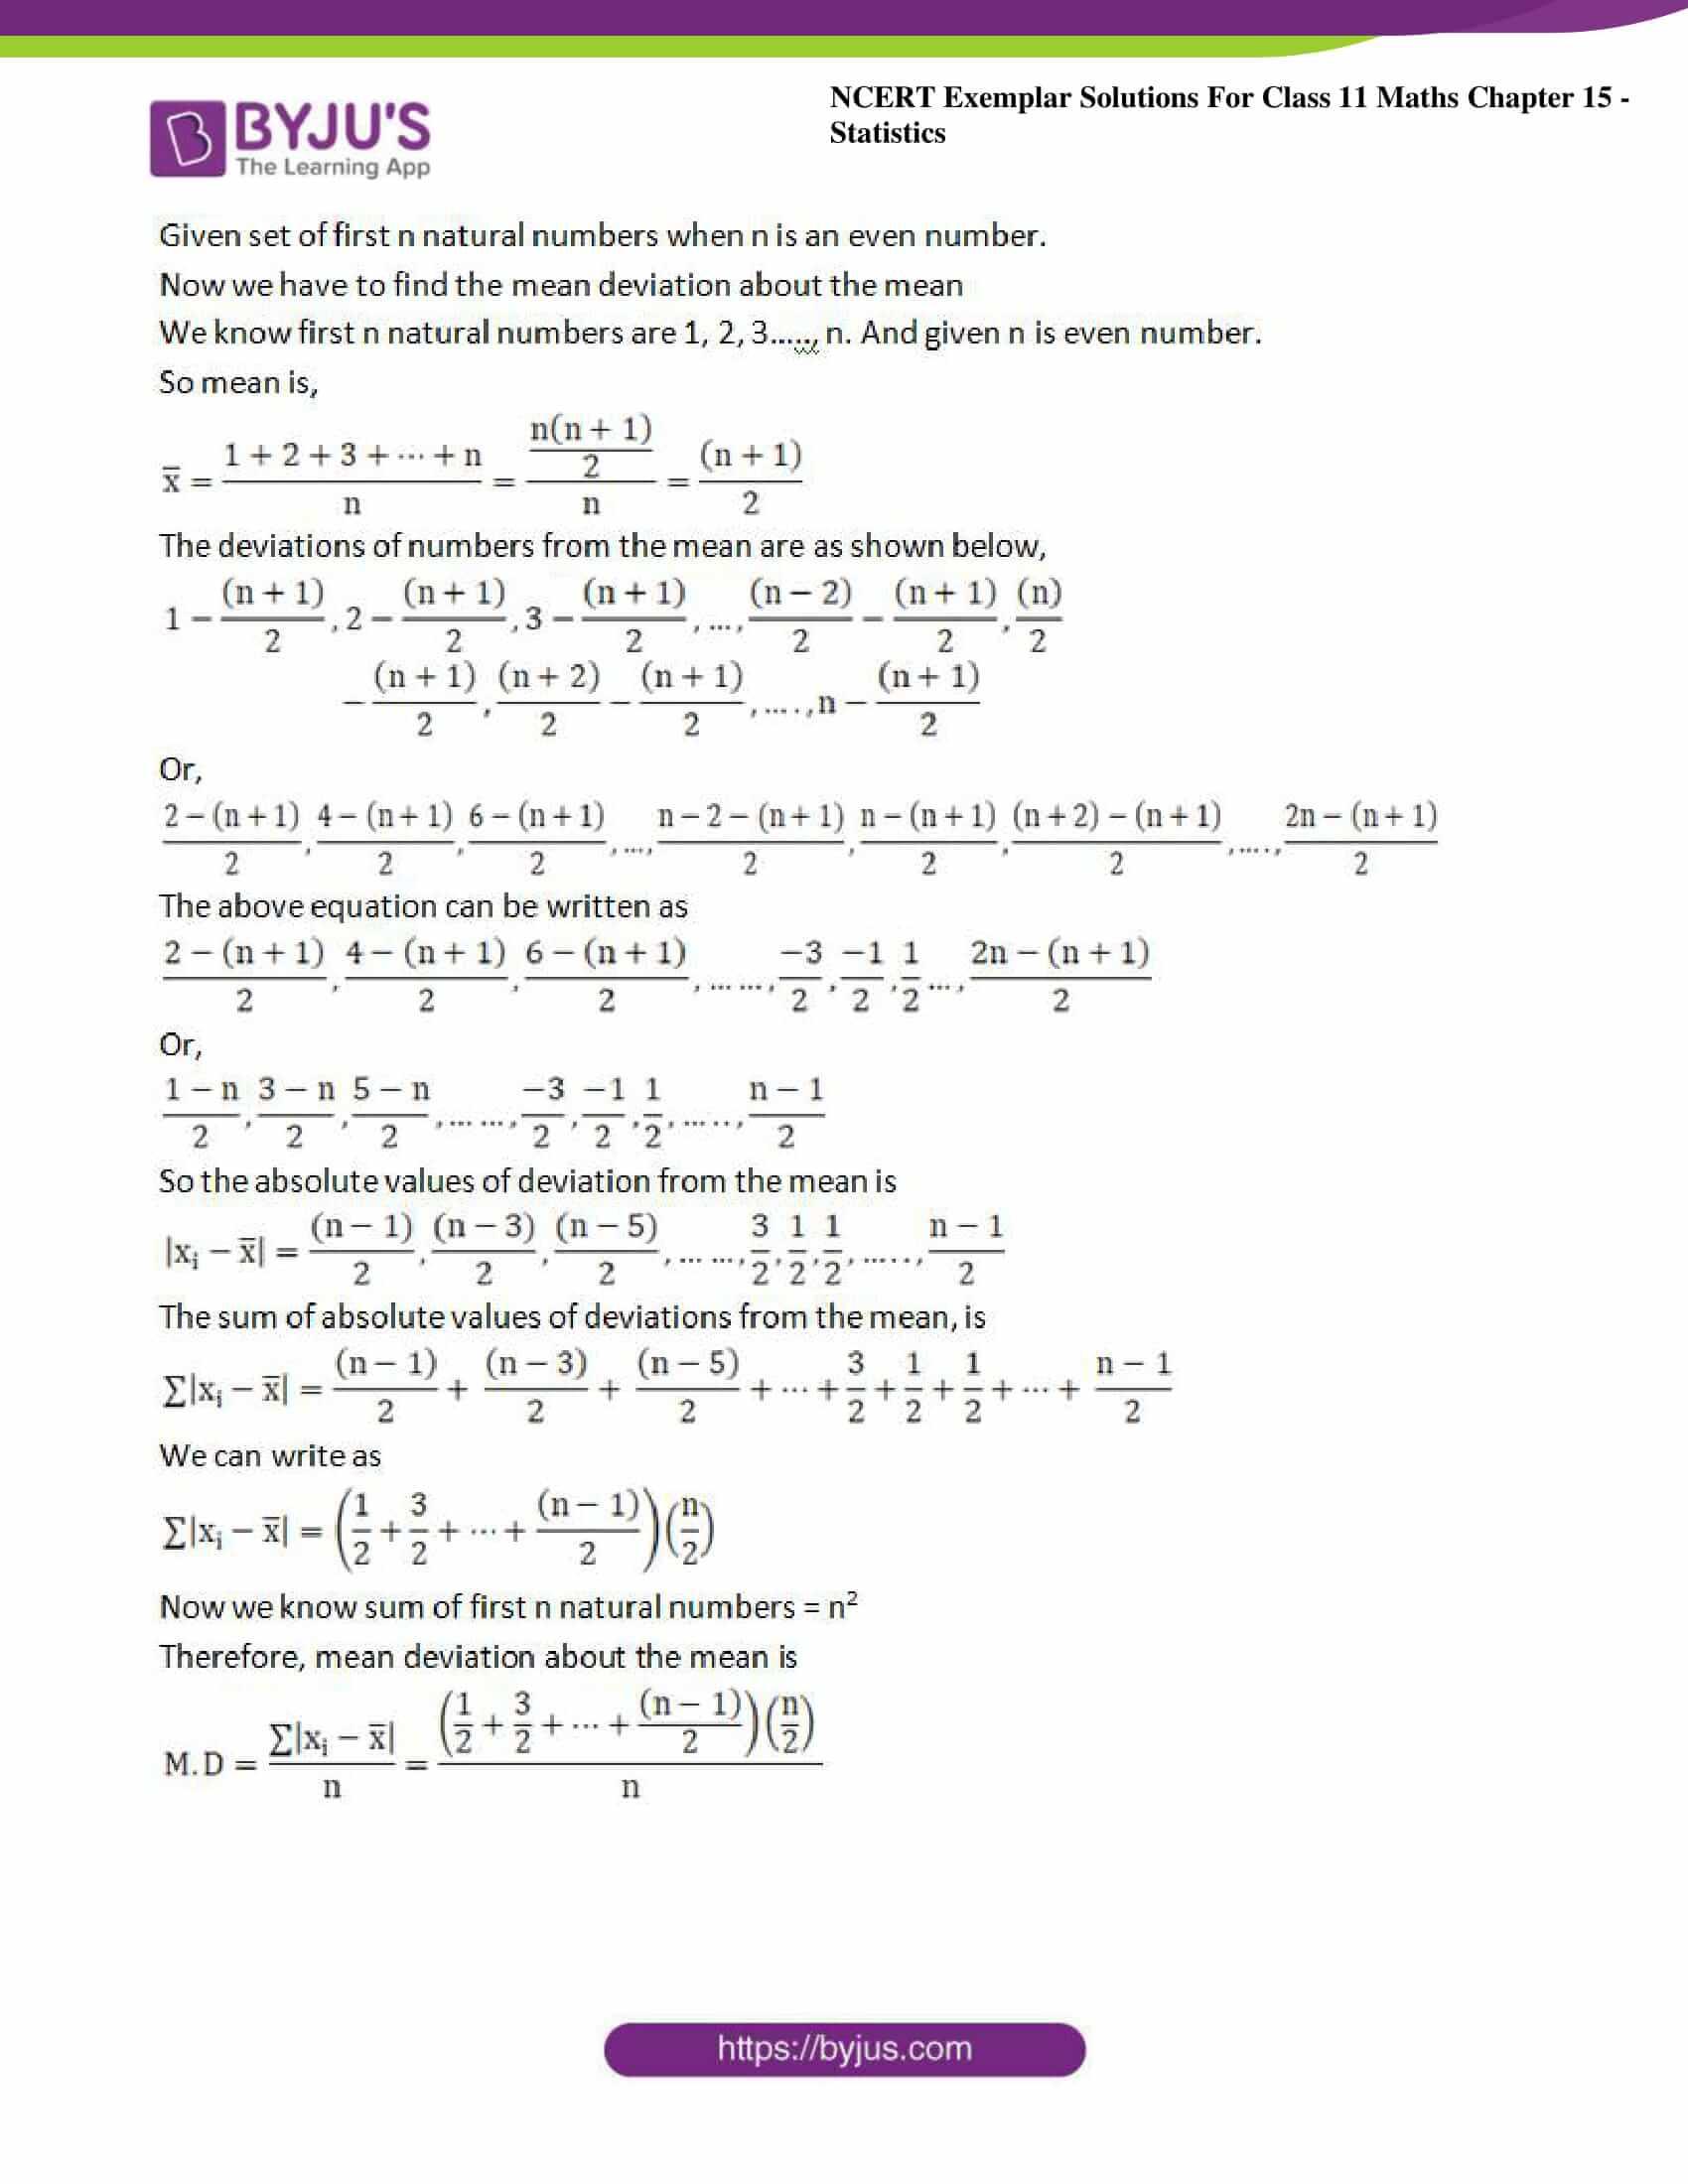 ncert exemplar sol class 11 maths chpt 15 statistics 05